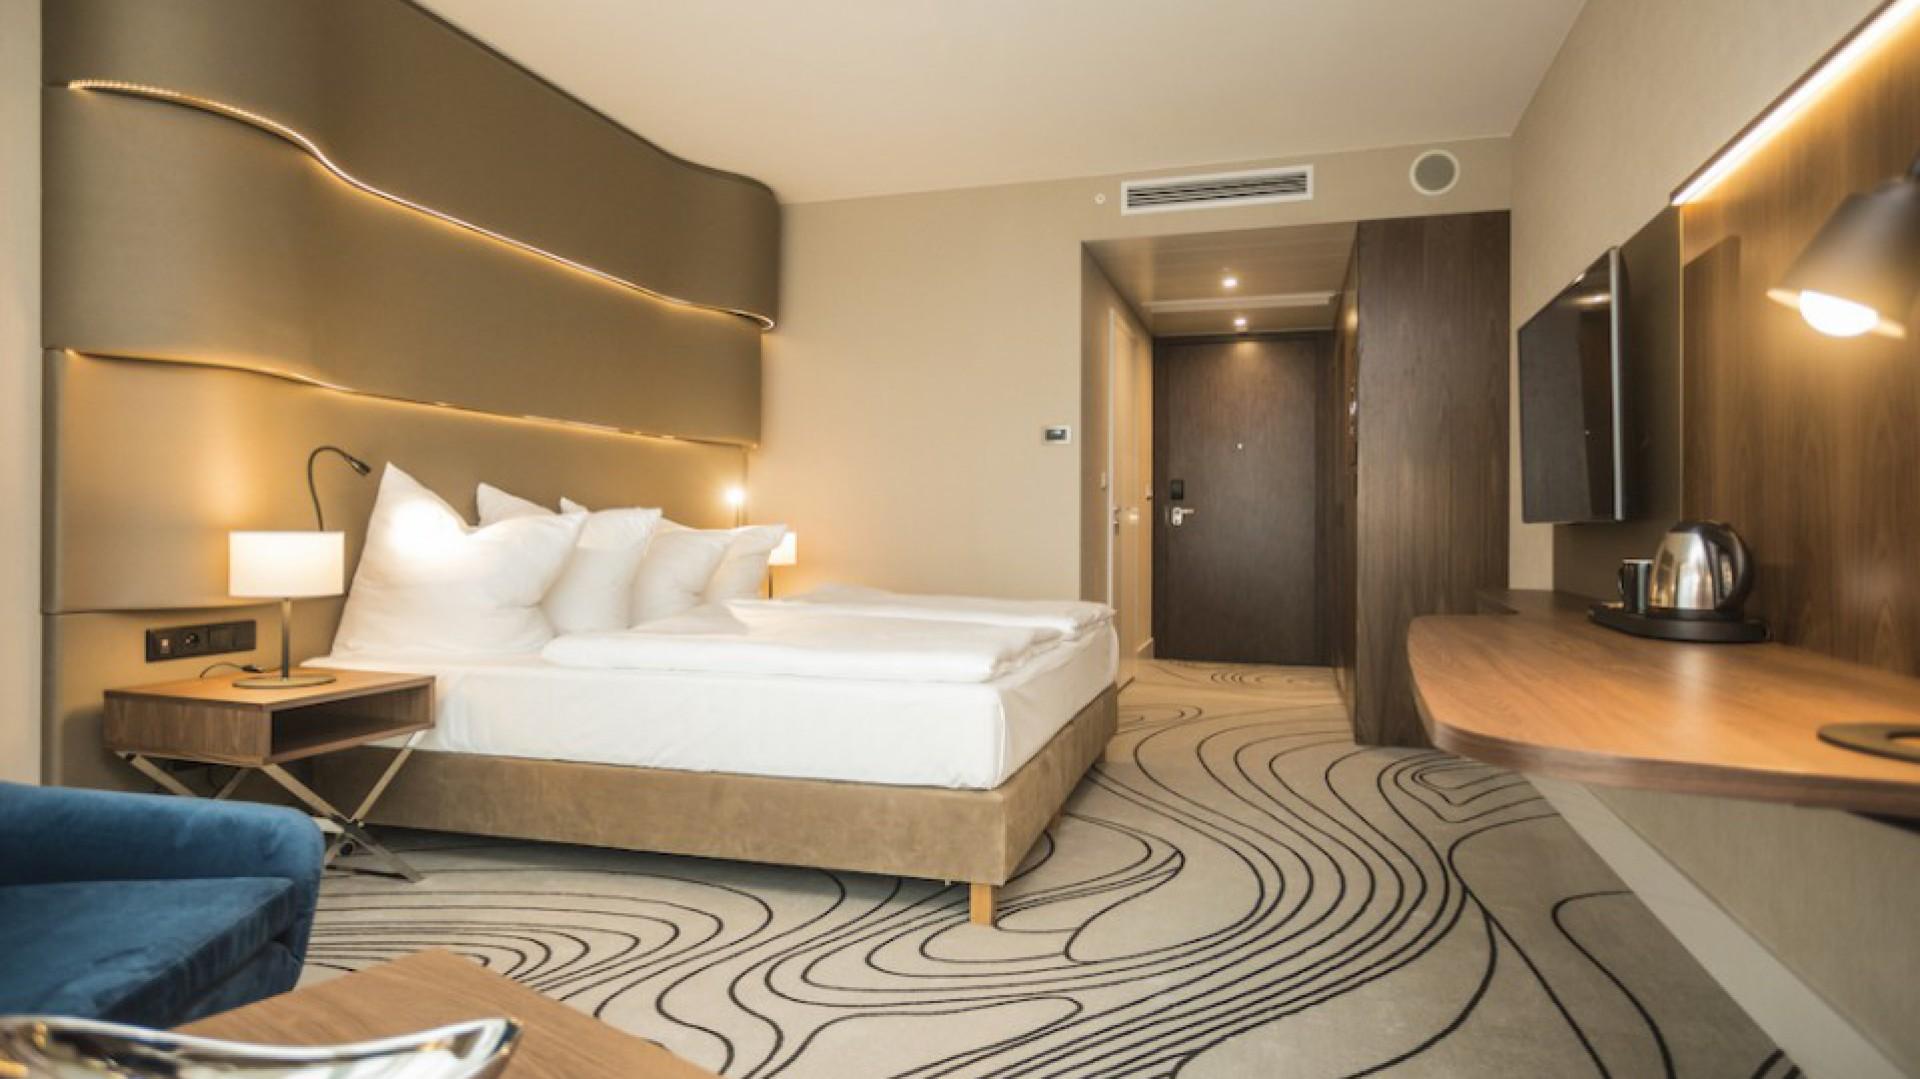 Radisson Blue Resort Świnoujcie by Zdrojowa apartament pokazowy fot. mat. prasowe